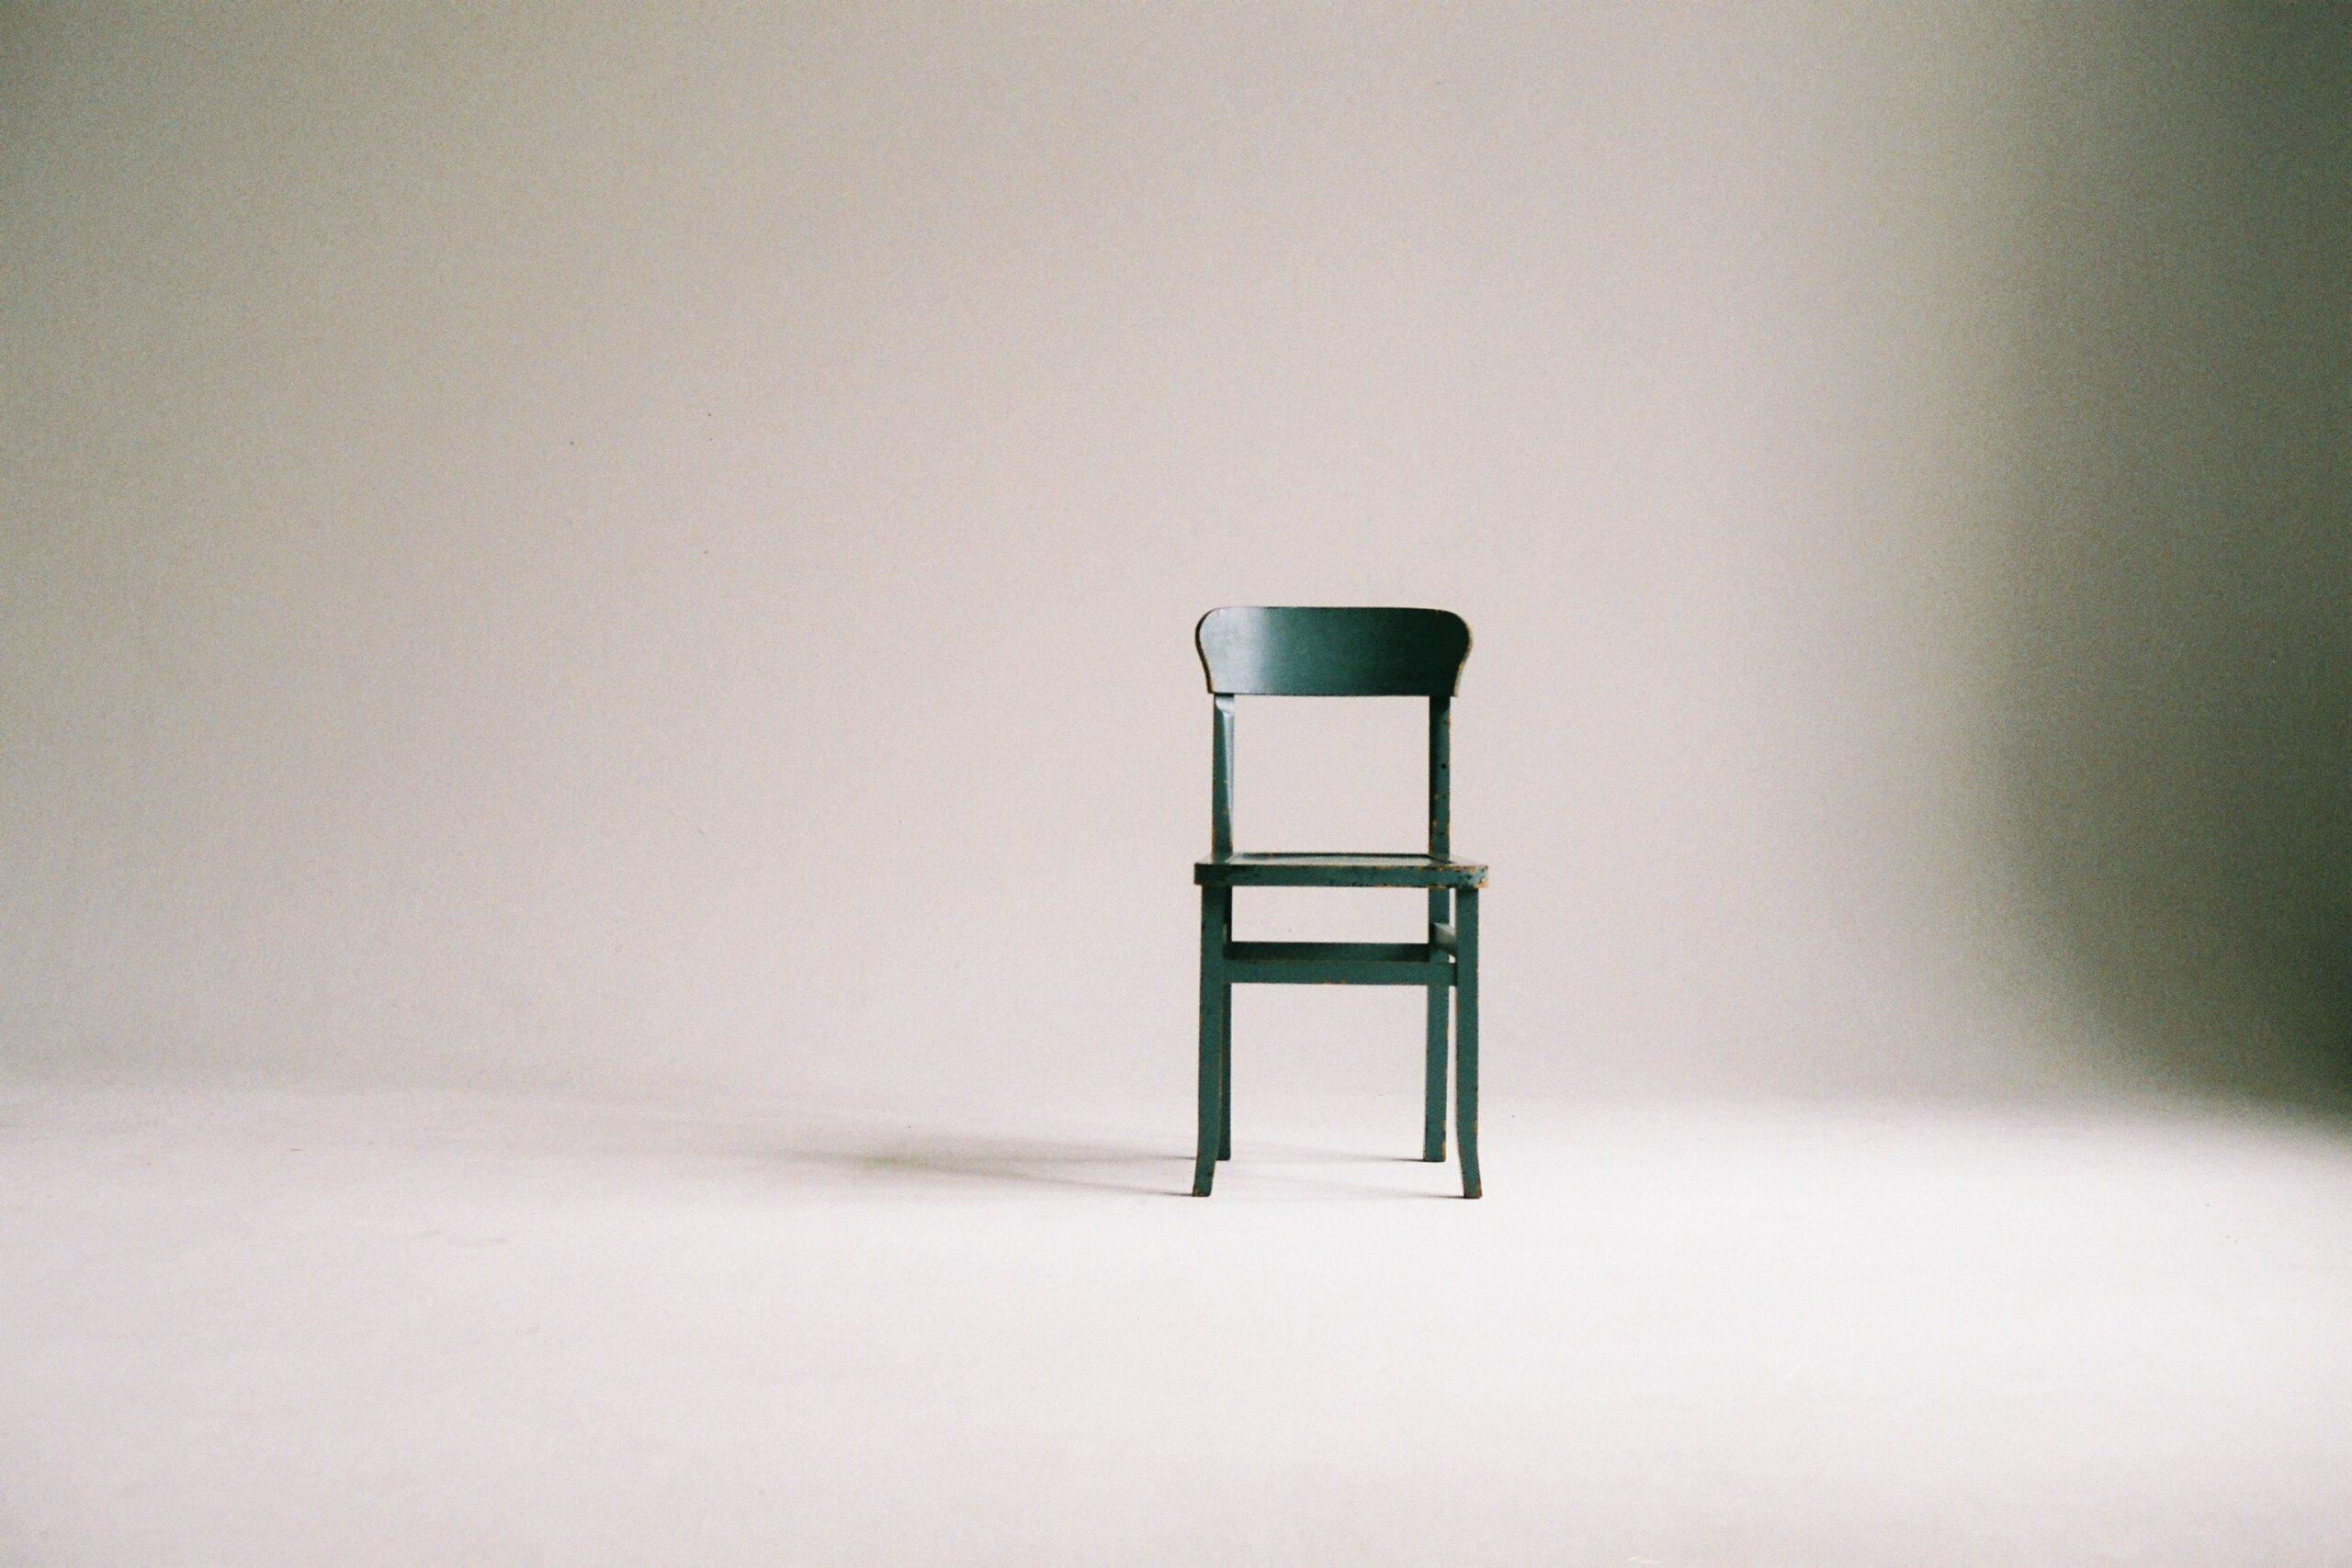 Firmy zkoumají cesty k udržitelnosti: Ikea zkouší pronájmy nábytku, P&G radí nemýt si tak často vlasy